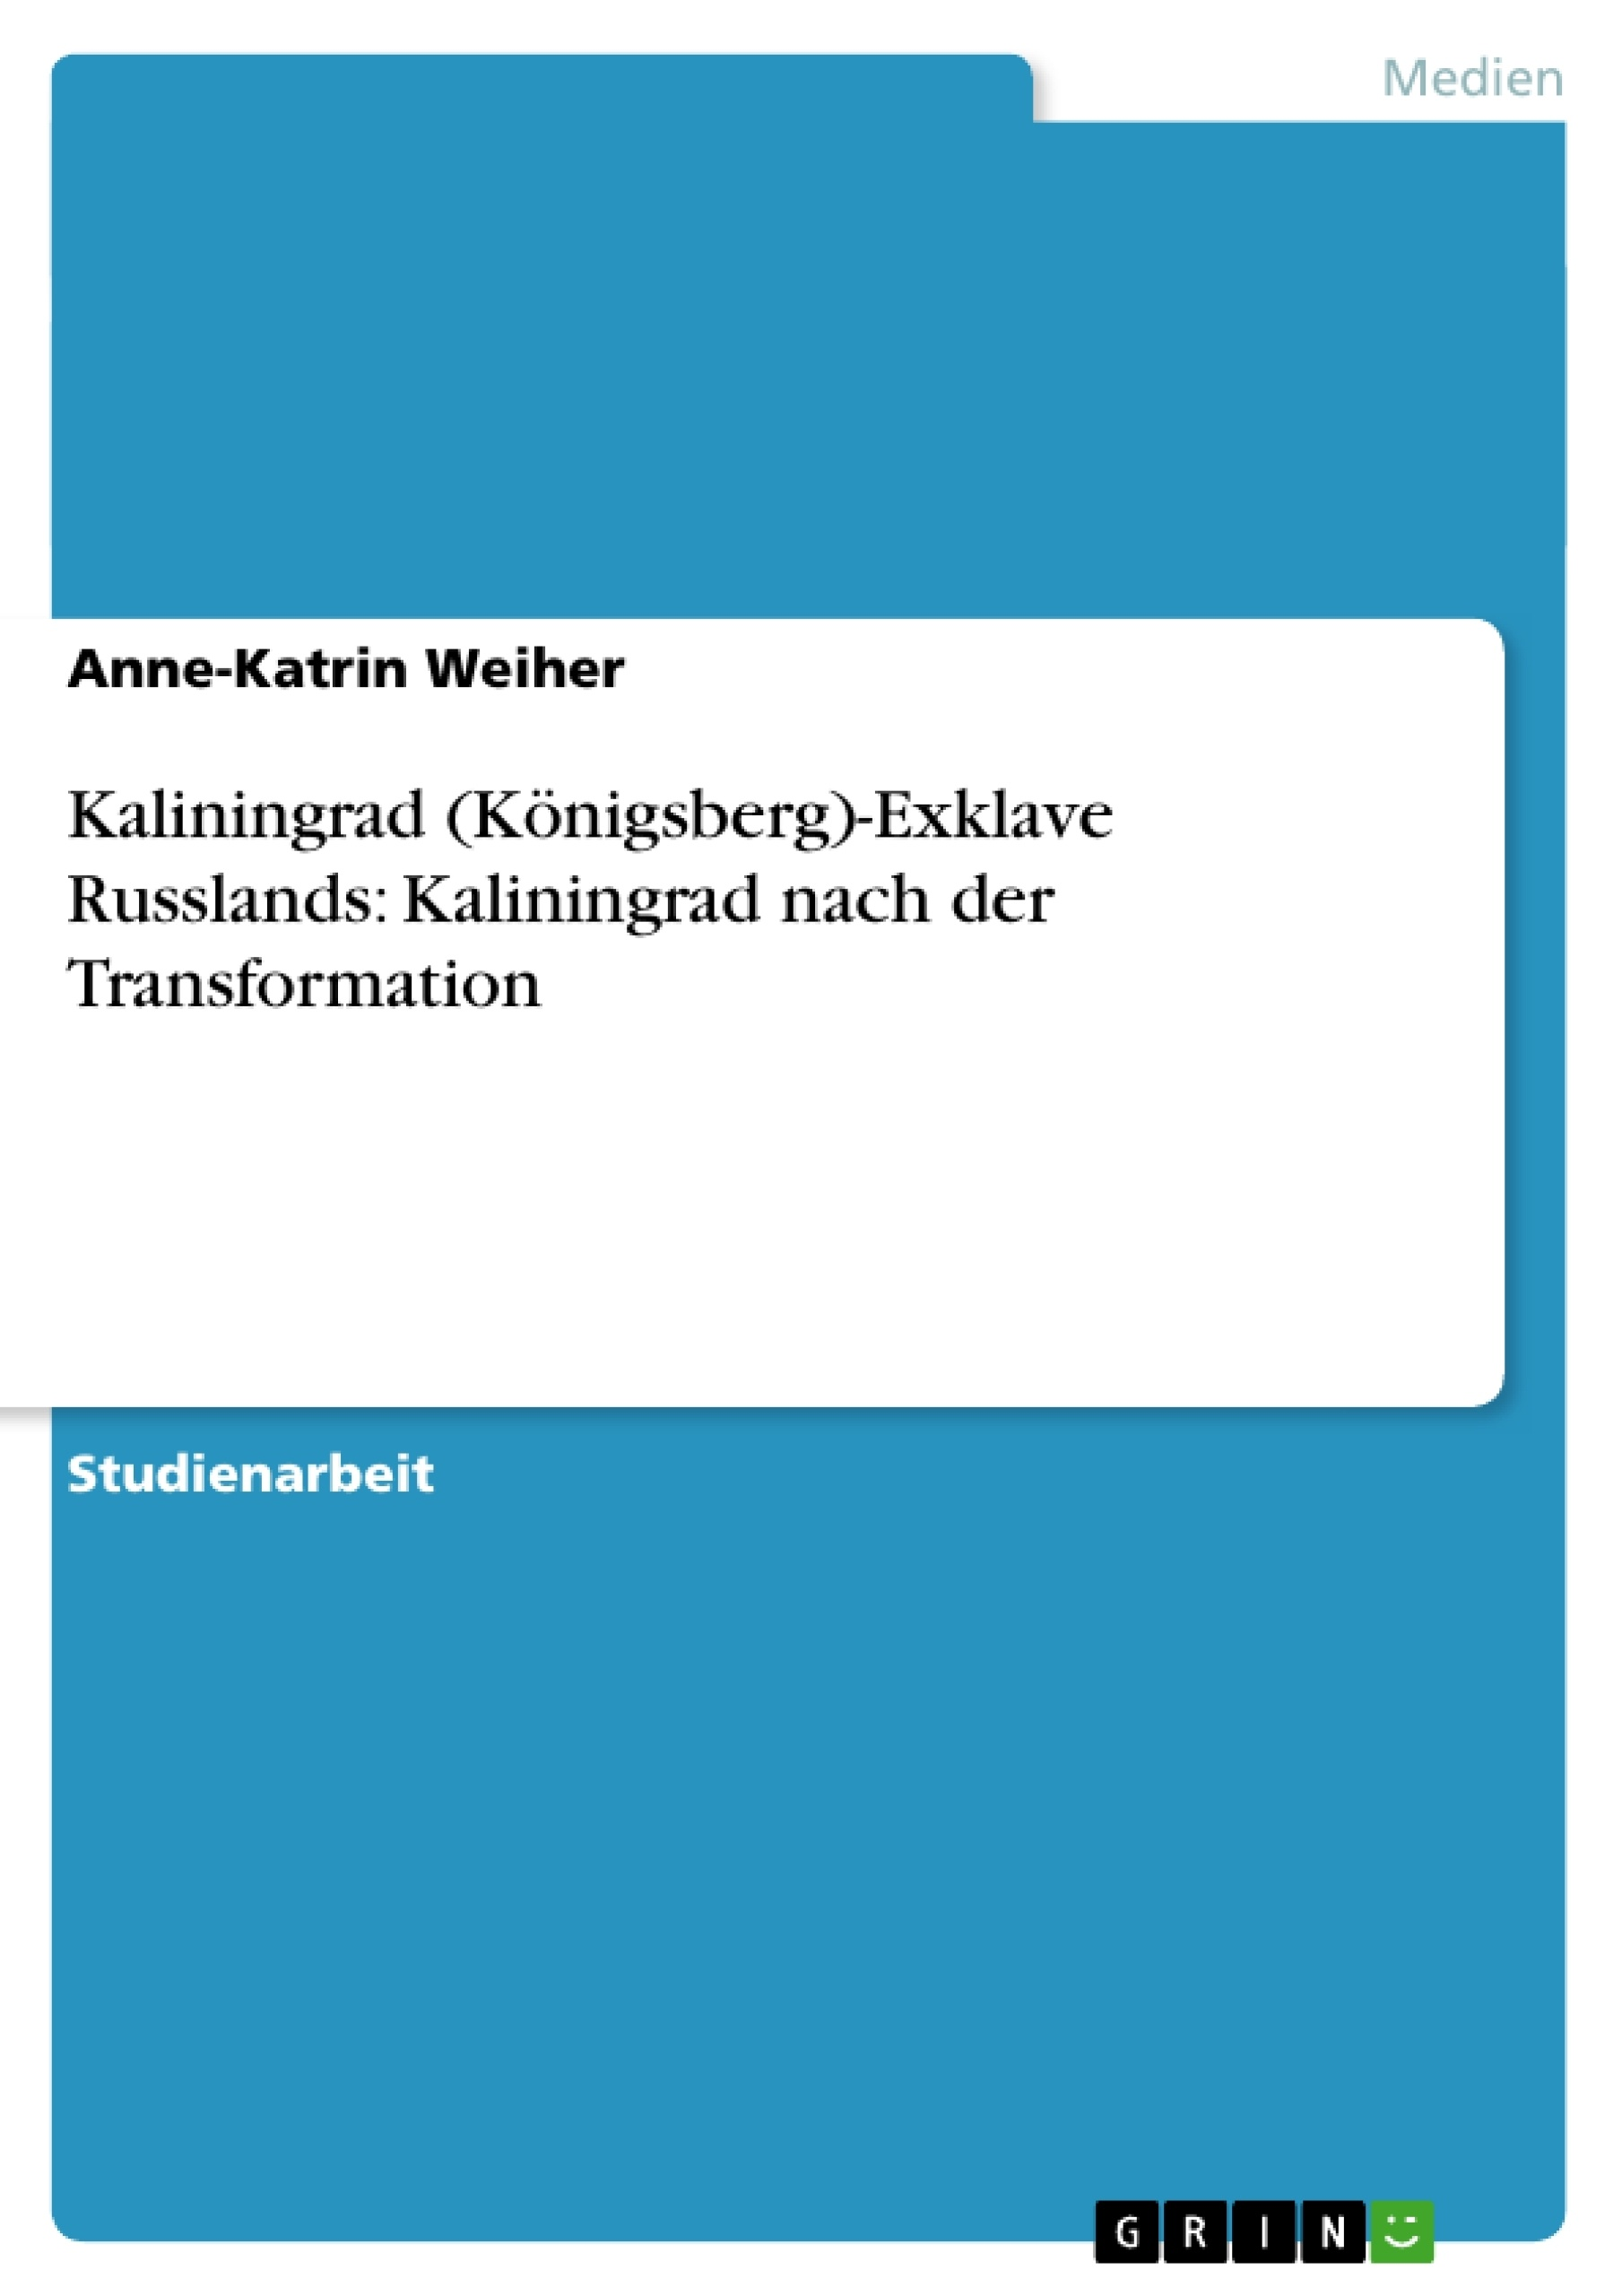 Titel: Kaliningrad (Königsberg)-Exklave Russlands: Kaliningrad nach der Transformation